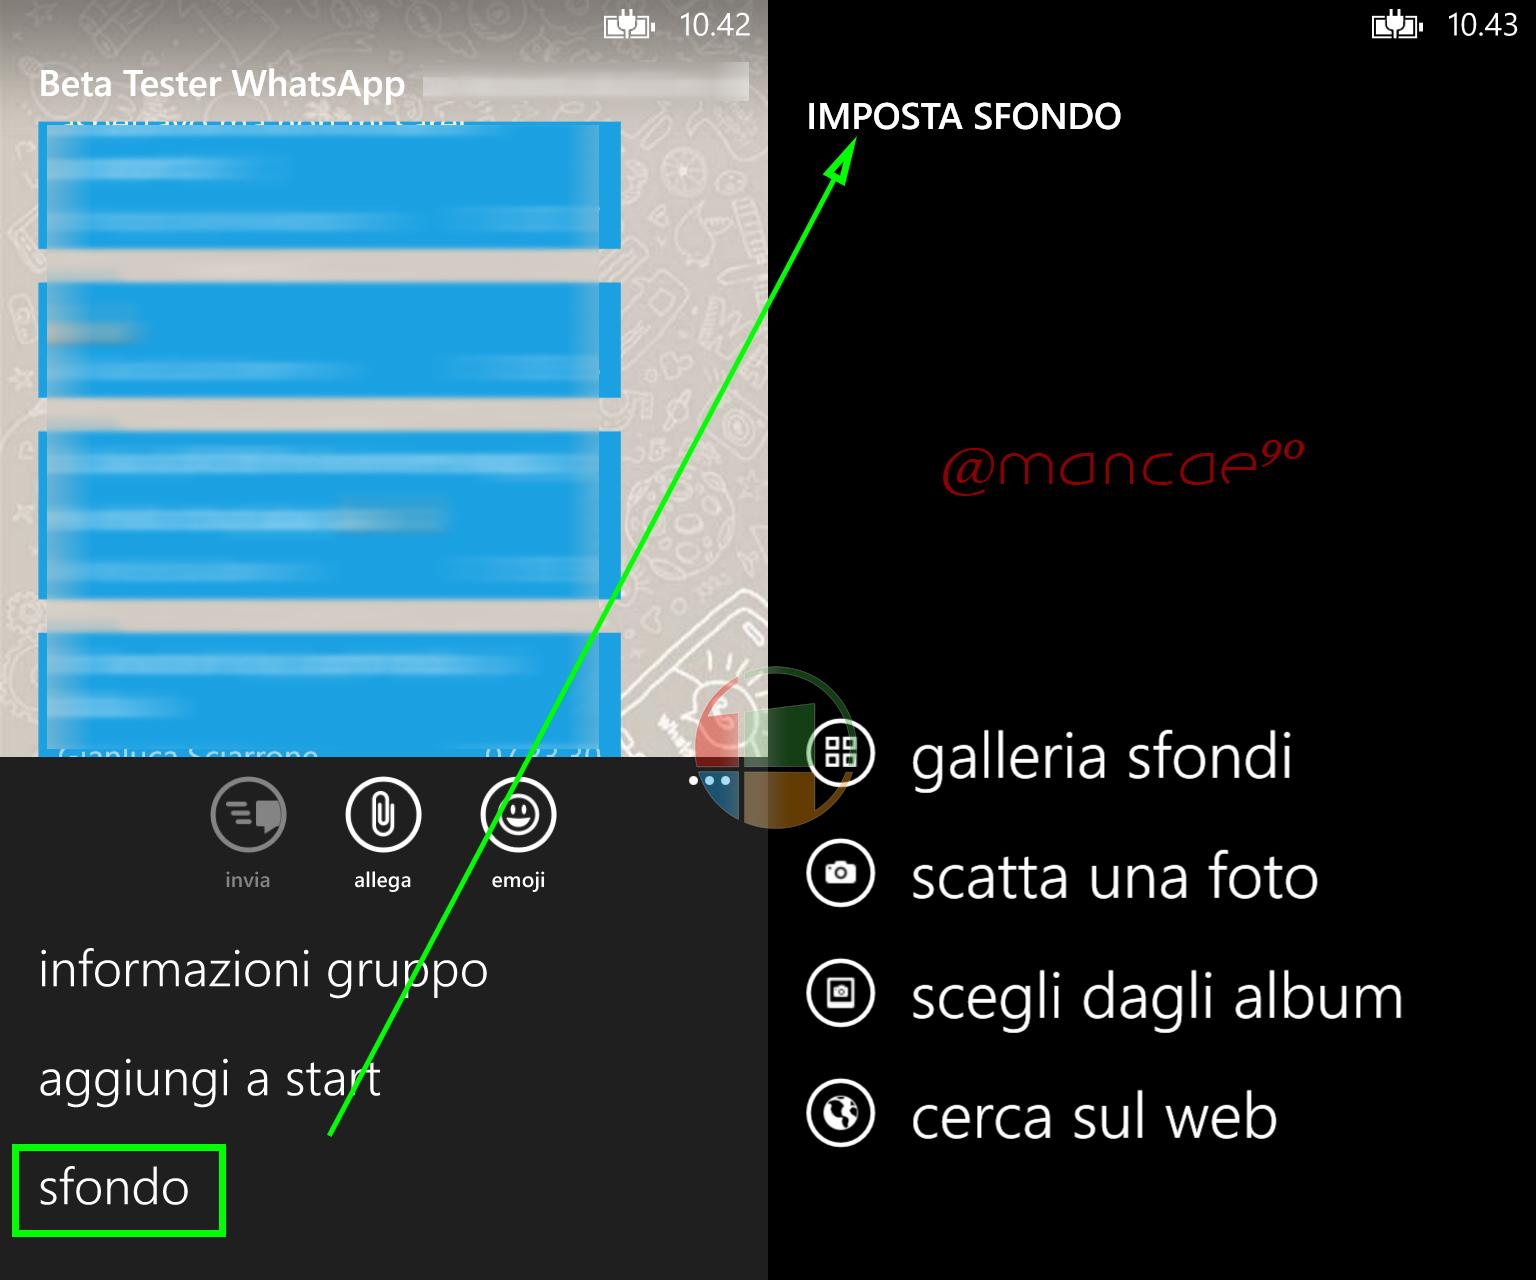 Sfondi personalizzati whatsapp